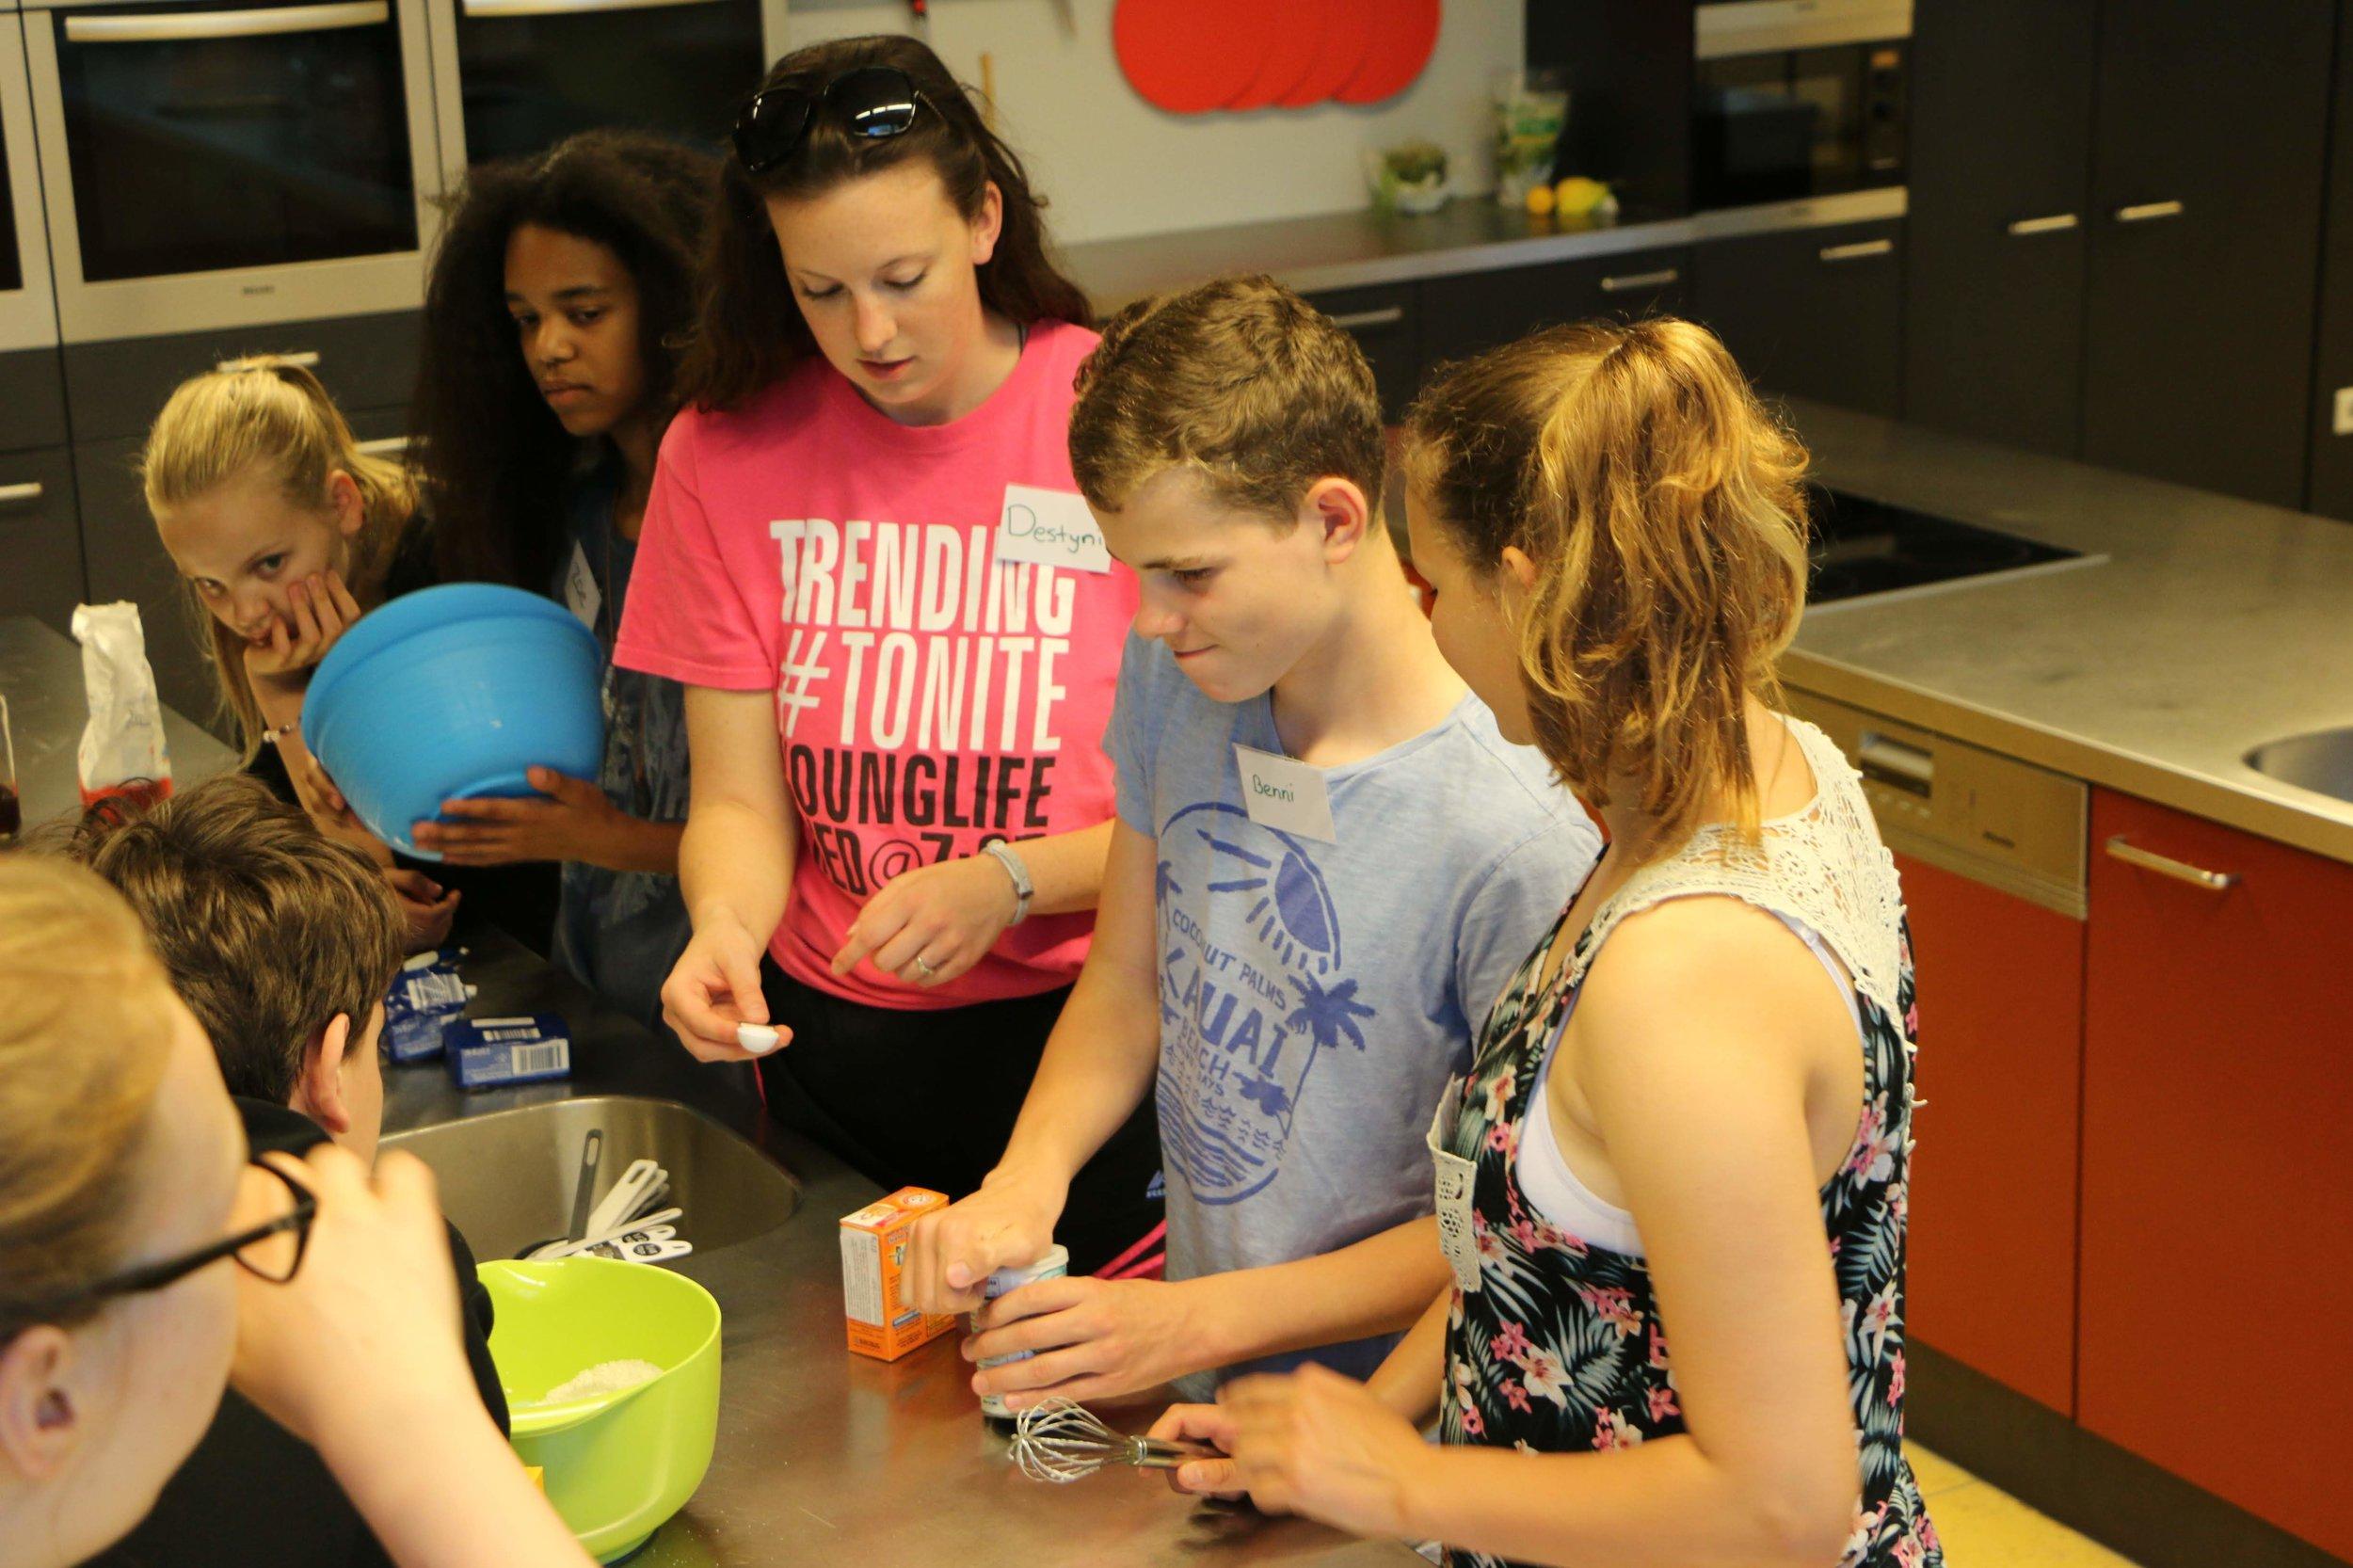 Workshops - Auf unserem Sprachcamp hast Du jeden Tag eine bunte Auswahl aus Sport, Basteln, kulinarischen Angeboten. Dies wird Dir helfen Deine Englischkenntnisse interaktiv zu verbessern und dabei mehr über die amerikanische Kultur zu lernen.